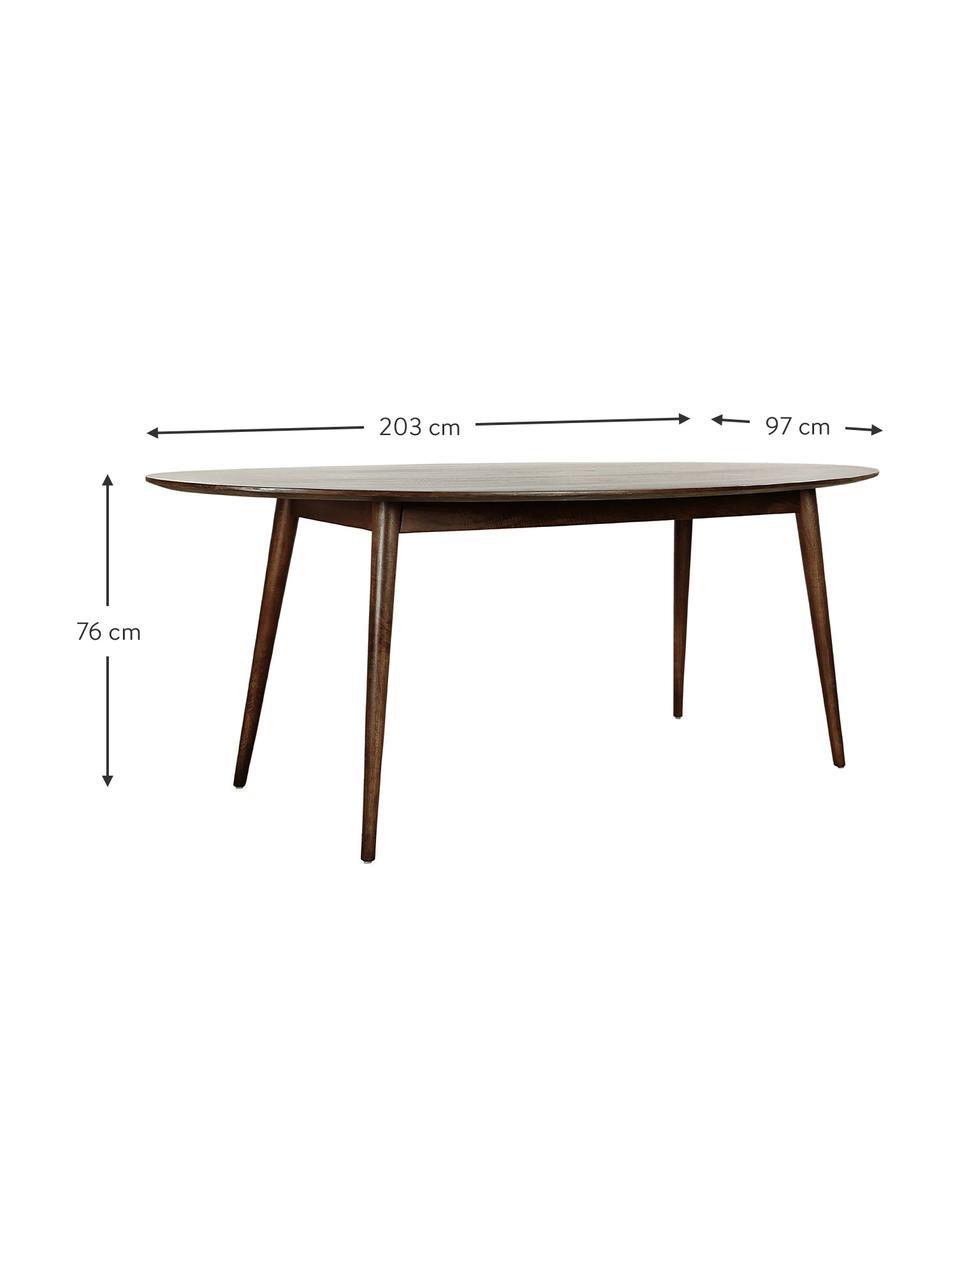 Ovaler Esstisch Oscar mit Mangoholz, 203 x 97 cm, Mangoholz massiv, lackiert, Mangoholz, B 203 x T 97 cm